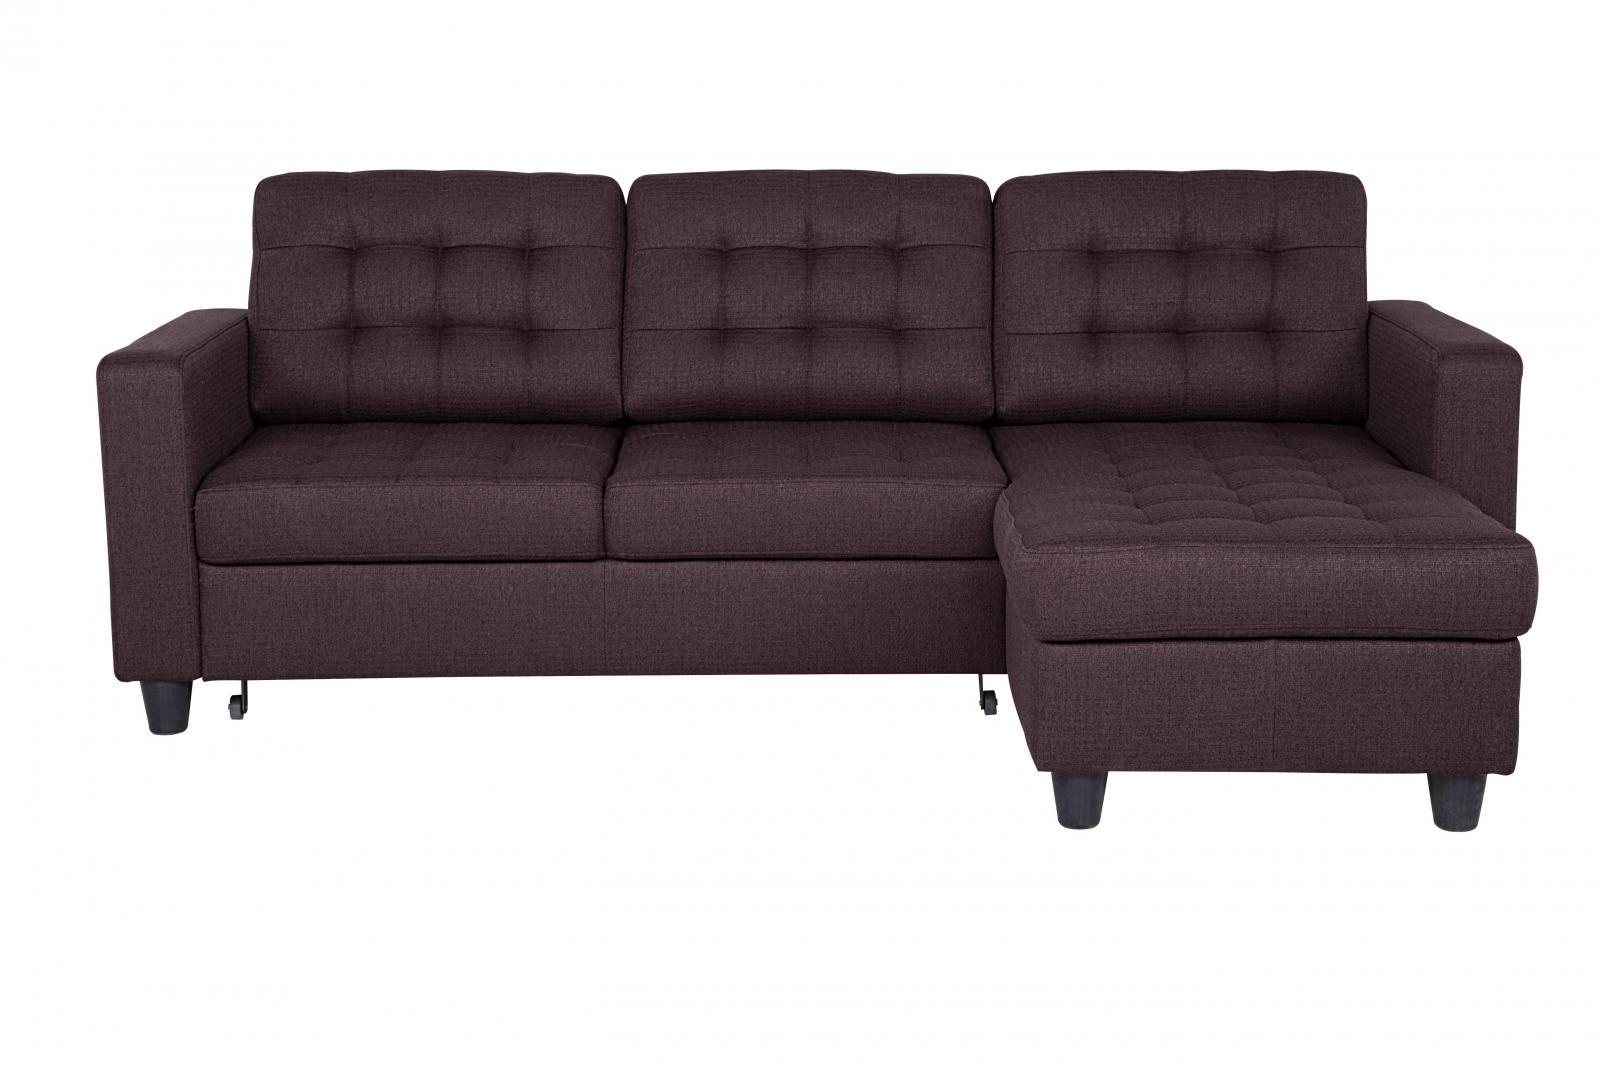 Угловой диван-кровать КамелотУгловые раскладные диваны<br>&amp;lt;div style=&amp;quot;font-size: 14px;&amp;quot;&amp;gt;Классика - это скучно? Мы с этим абсолютно не согласны! Мы считаем, что классические формы и современный дизайн могут существовать вместе, и диван &amp;quot;Камелот&amp;quot; отличное тому подтверждение. Он внимателен к вашим потребностям, ведь в нем совмещены функции дивана, кровати и места для хранения спальных принадлежностей.&amp;amp;nbsp;&amp;lt;/div&amp;gt;&amp;lt;div style=&amp;quot;font-size: 14px;&amp;quot;&amp;gt;&amp;lt;br&amp;gt;&amp;lt;/div&amp;gt;&amp;lt;div style=&amp;quot;font-size: 14px;&amp;quot;&amp;gt;&amp;lt;span style=&amp;quot;font-size: 14px;&amp;quot;&amp;gt;Размер спального места: 196х135 см.&amp;lt;/span&amp;gt;&amp;lt;/div&amp;gt;<br><br>Material: Текстиль<br>Width см: 229<br>Depth см: 156<br>Height см: 90